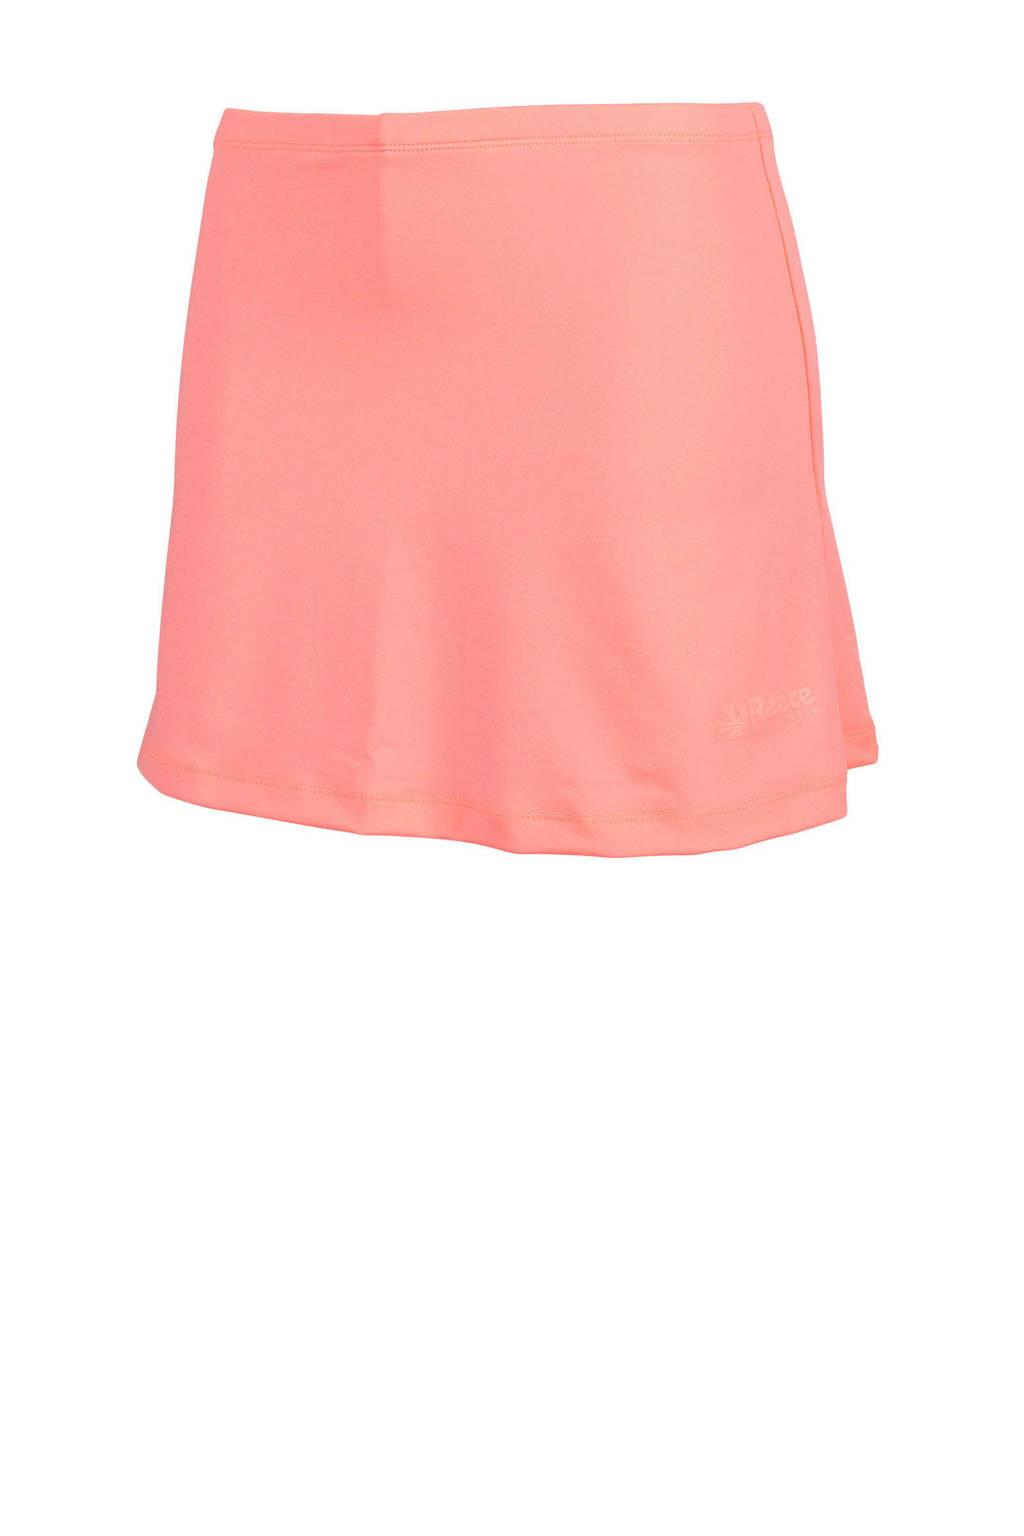 Reece Australia sportrokje roze, Roze